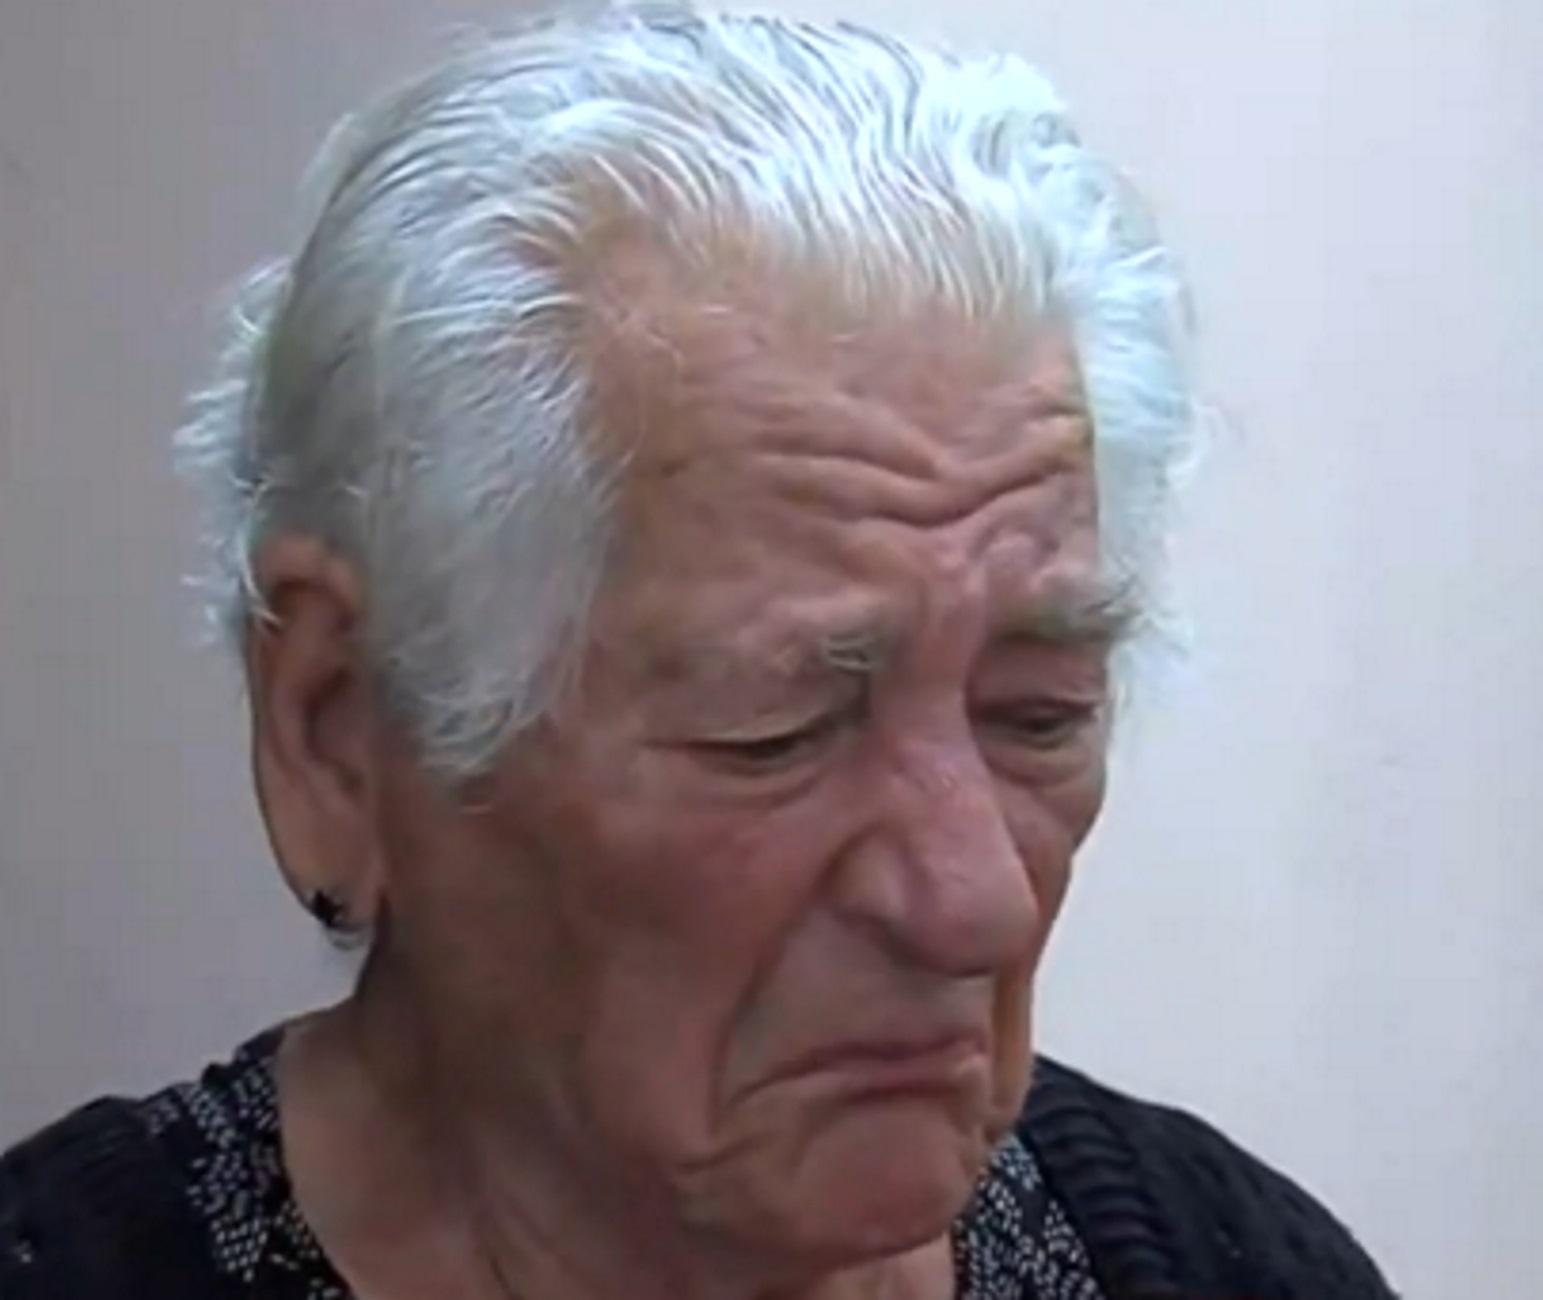 Κρήτη: Η μνήμη της γιαγιάς φώτισε την άγρια ληστεία – Ο σκοτεινός ρόλος του γείτονα που καταδικάστηκε